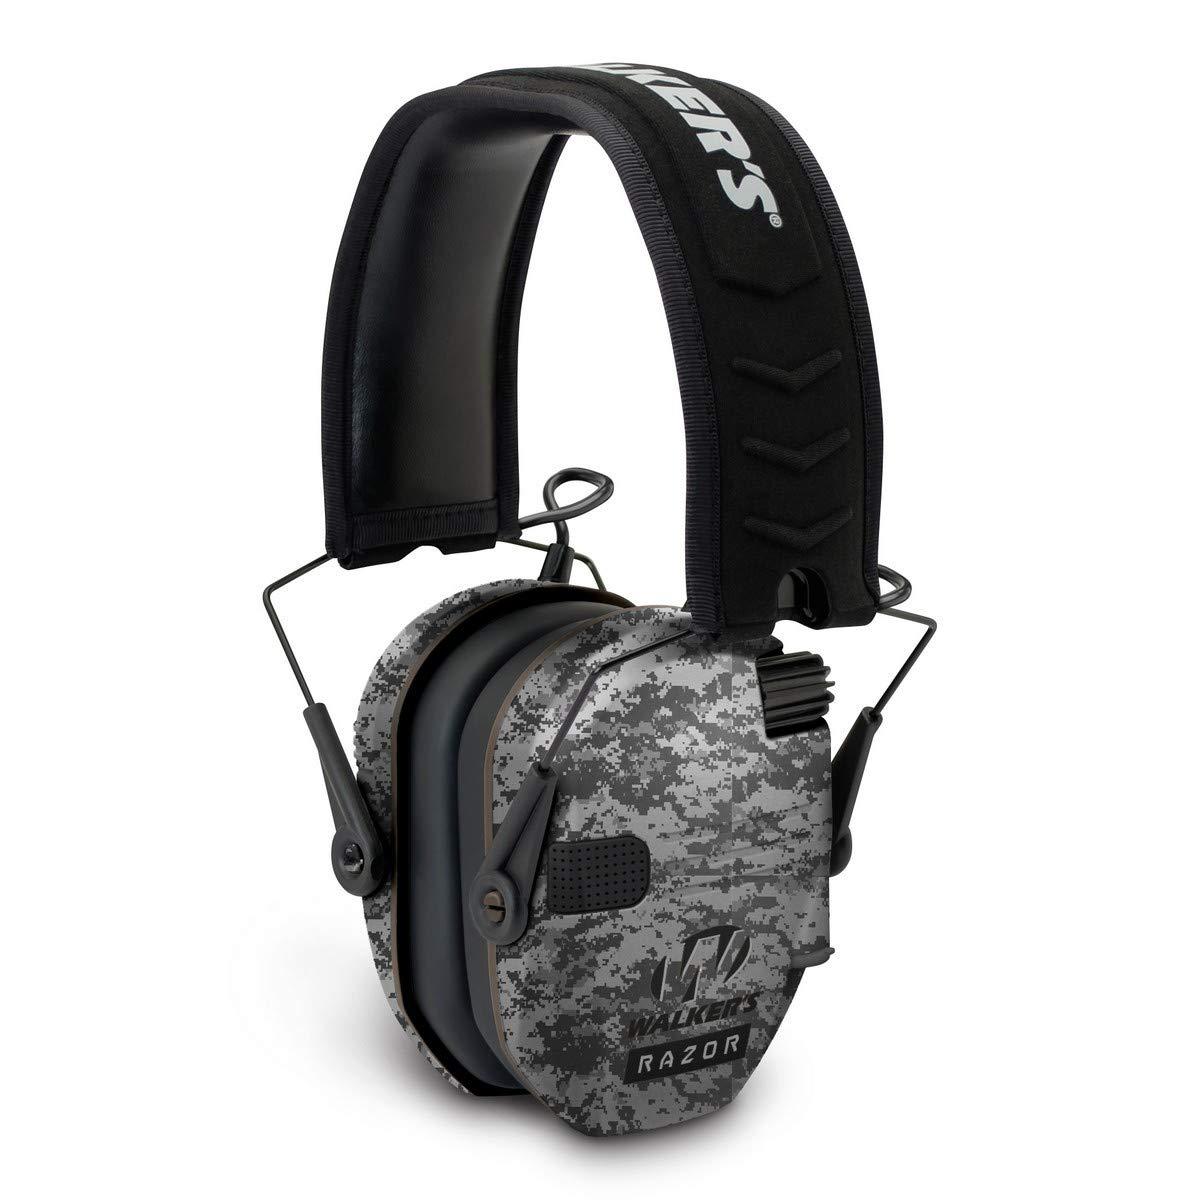 Walkers Razor Slim Electronic Earmuff Digital Camo by Walker's Game Ear